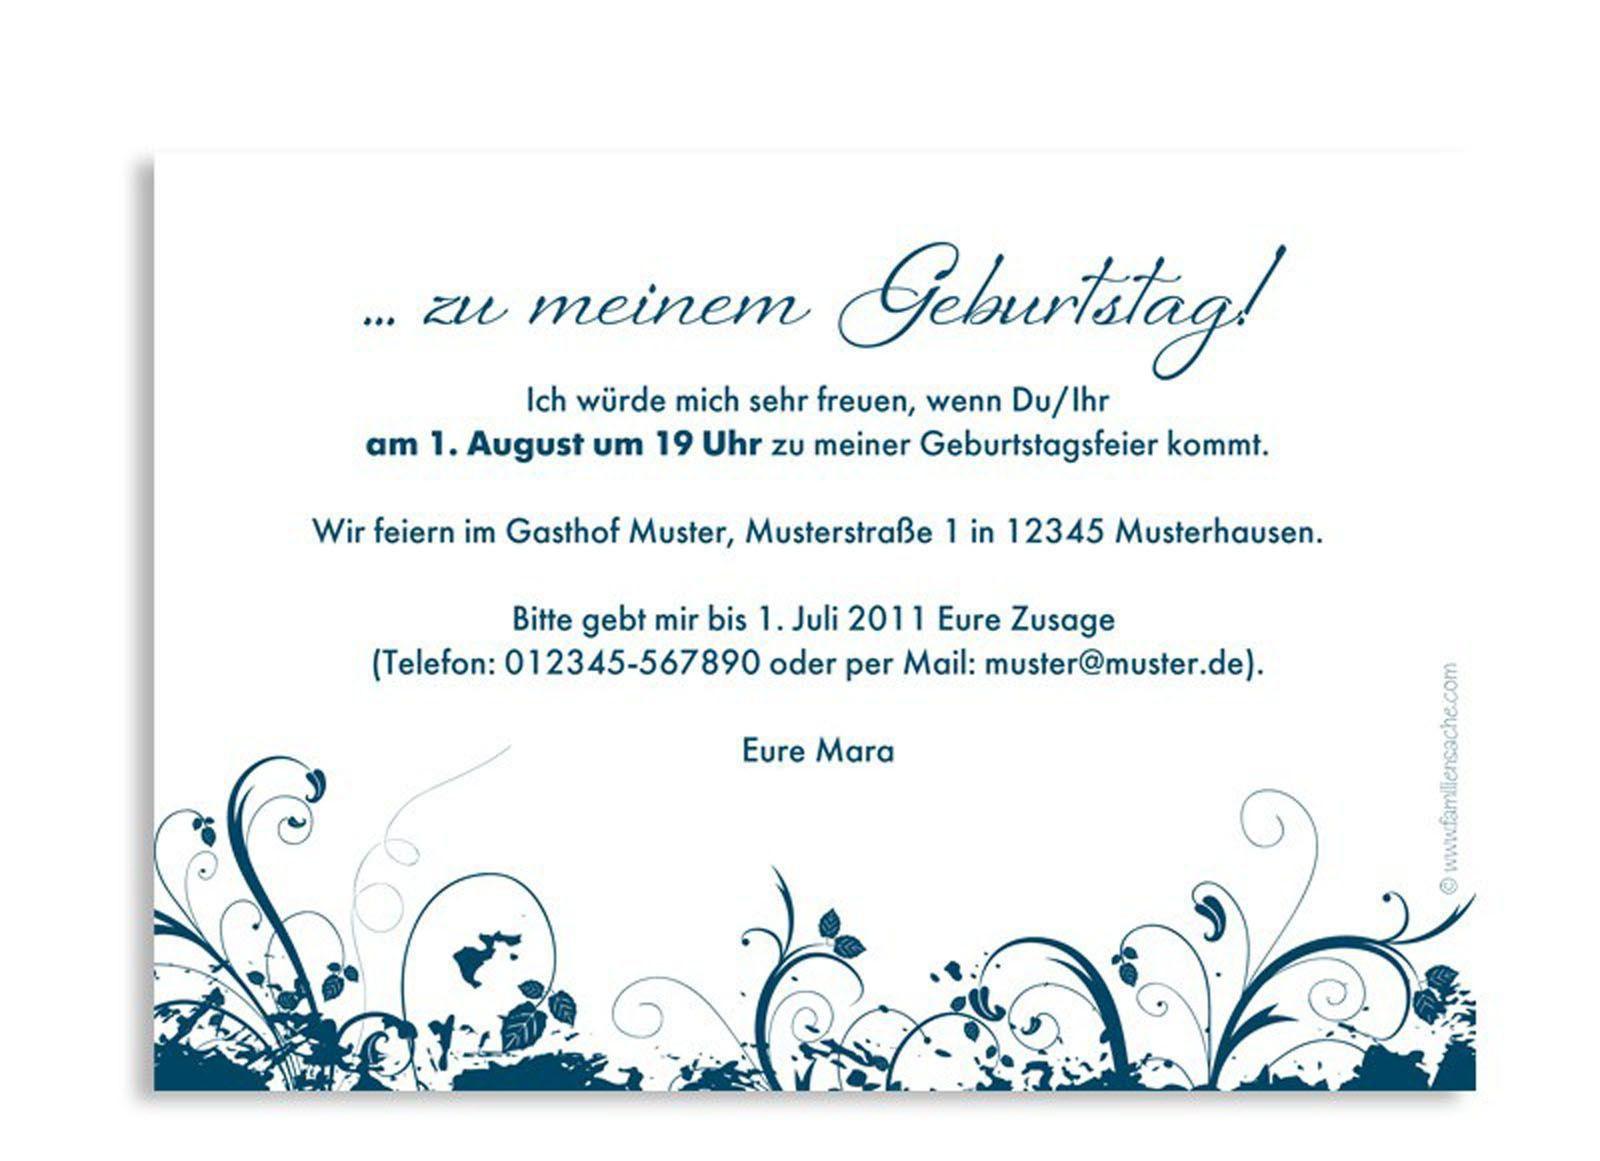 Geburtstagssprüche Einladung  Einladungskarten Geburtstag Einladungskarten Geburtstag